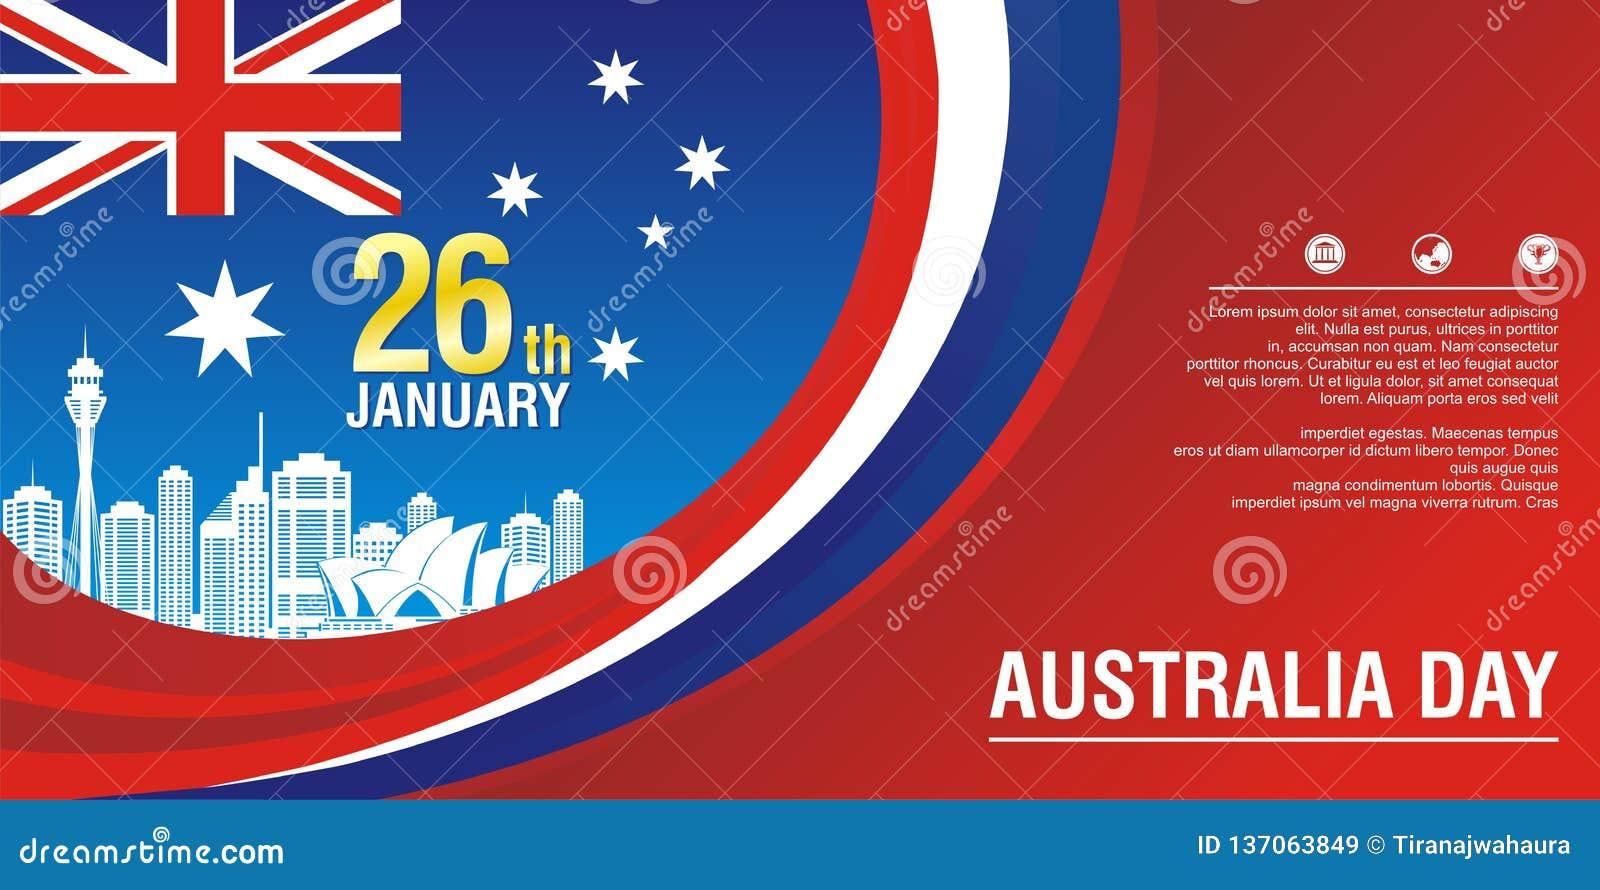 Μοντέρνο ιπτάμενο, με το ύφος σημαιών της Αυστραλίας και το σχέδιο κυμάτων